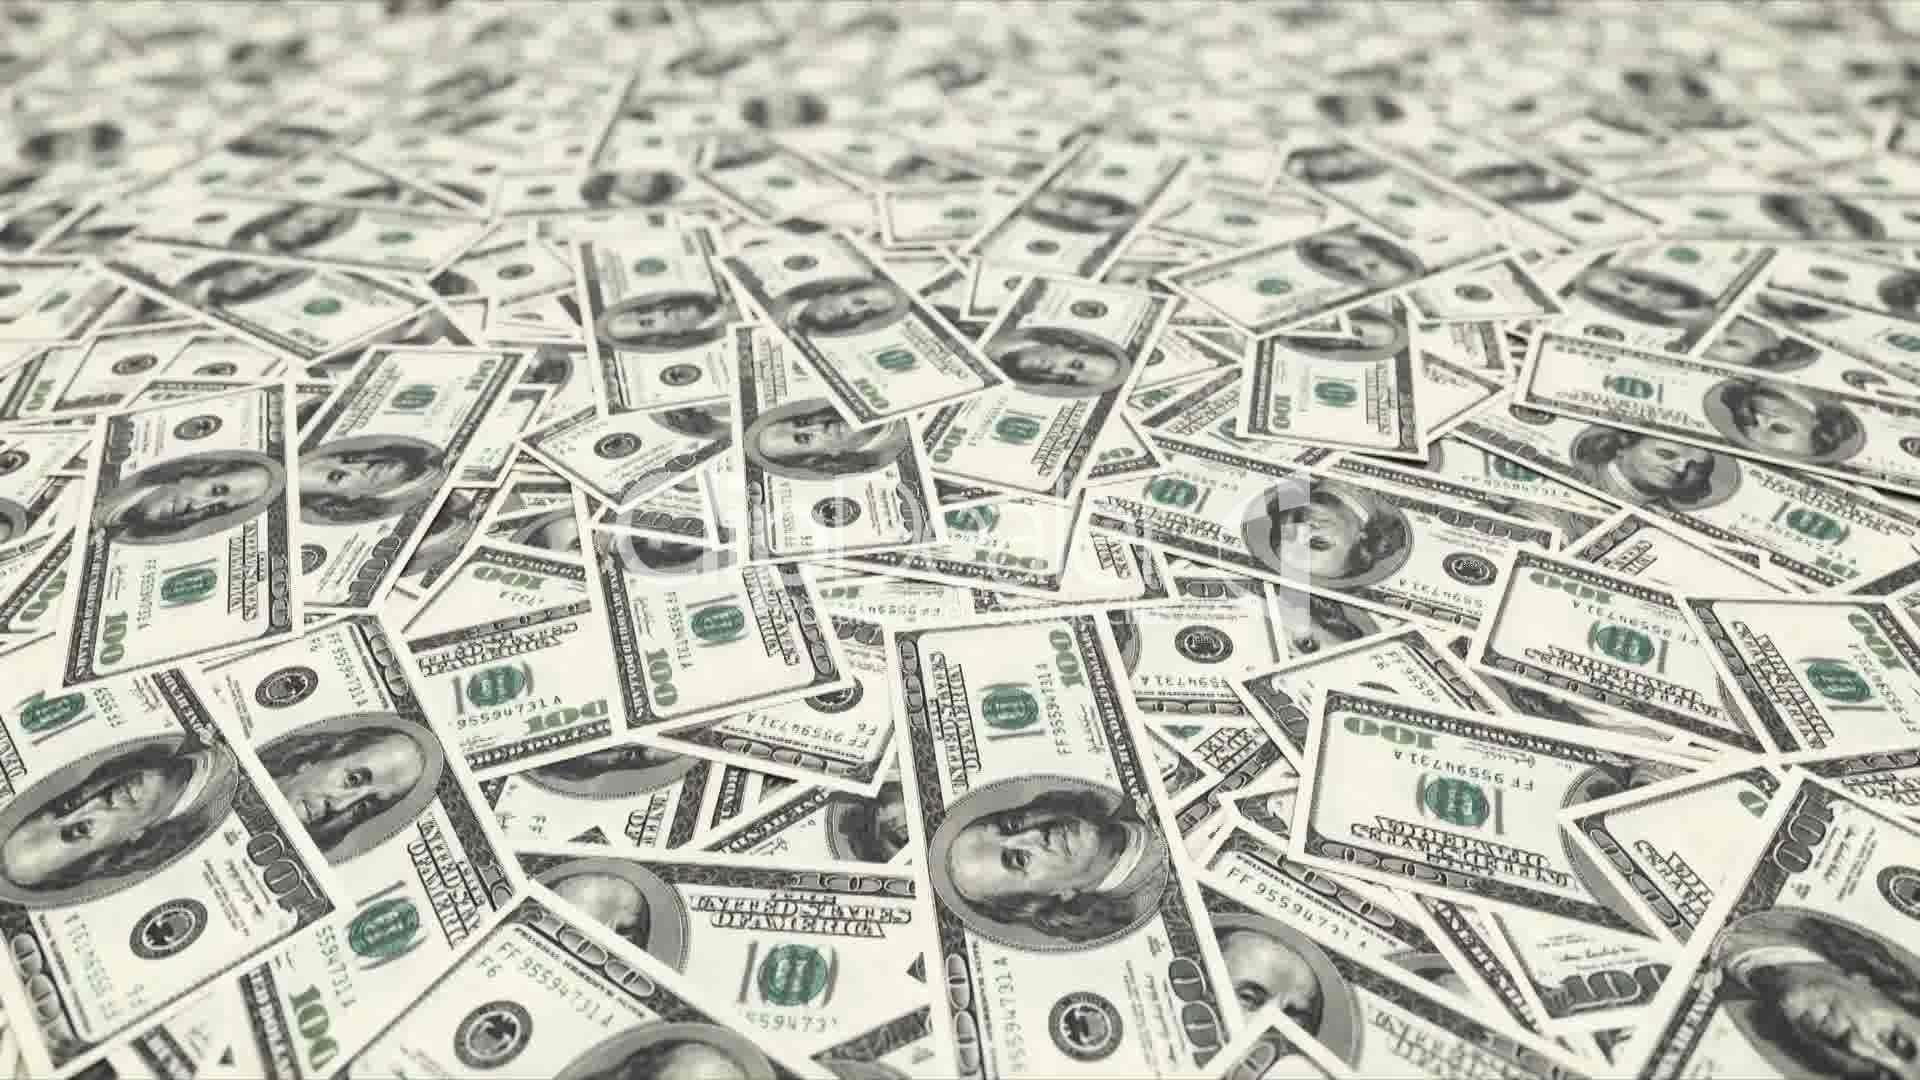 Million dollar wallpaper 59 images - Dollar wallpaper ...